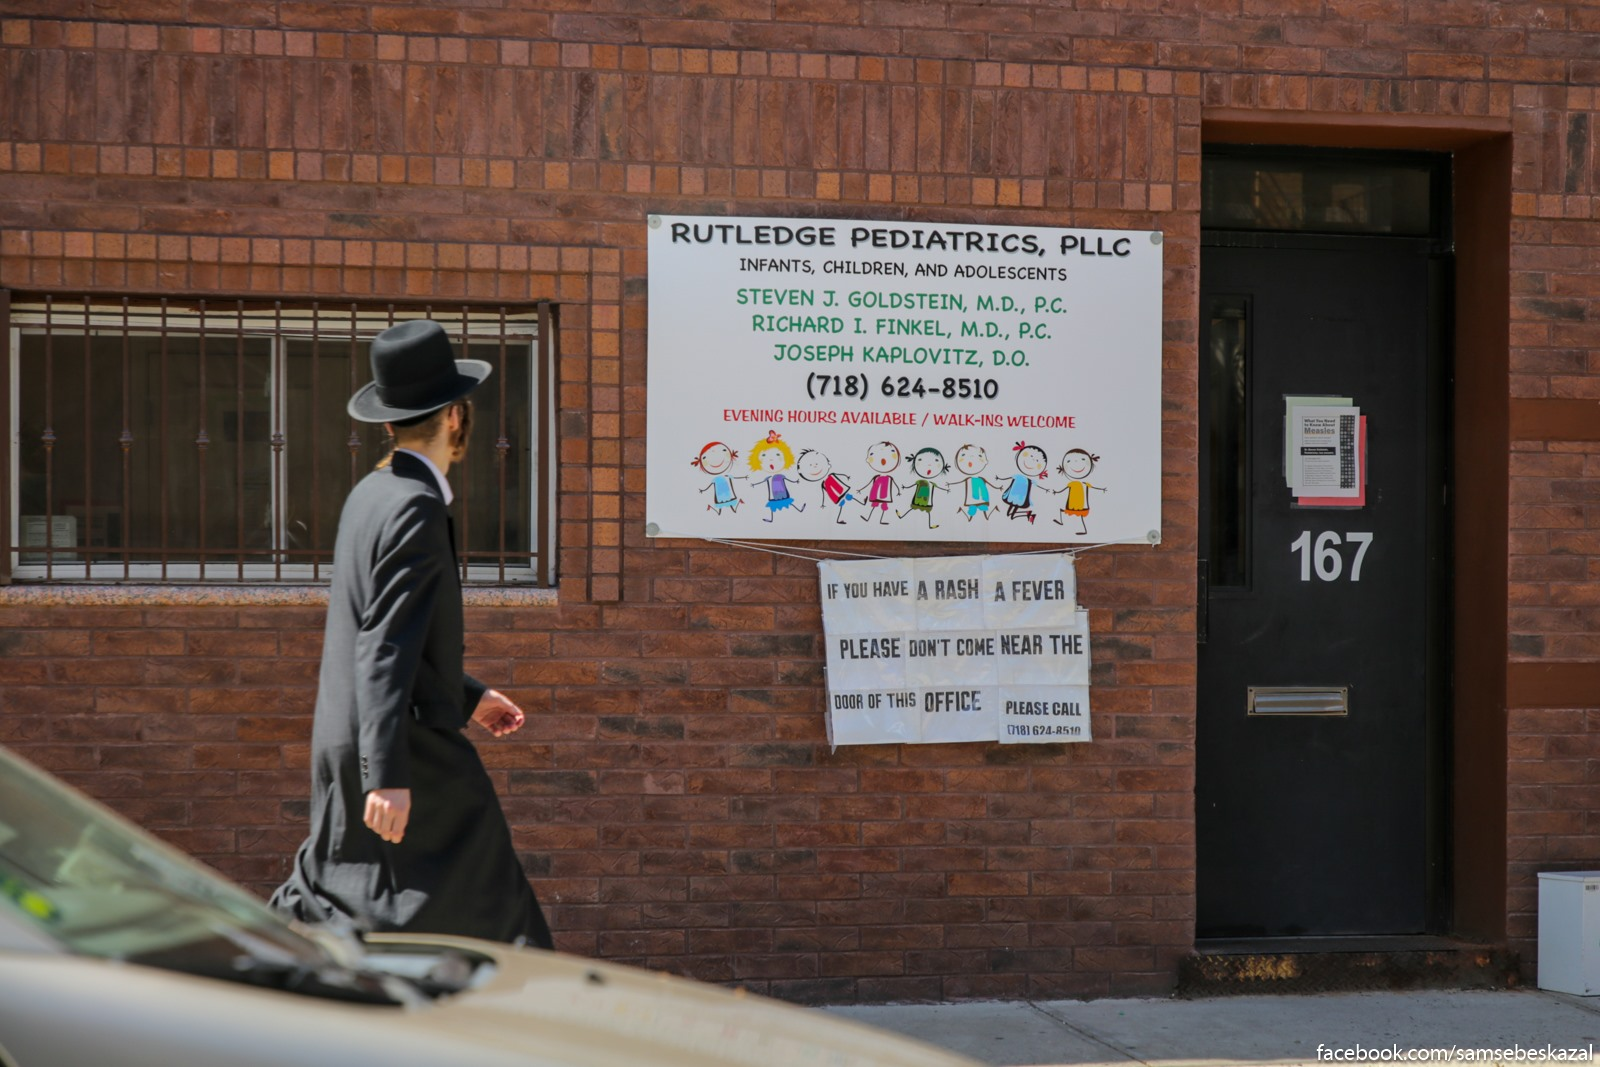 Esli u vas sypʹ i zar, to ne podhodite k dveri etogo ofisa. Obʺavlenie na stene pediatriceskogo ofisa v hasidskoj casti Uilʹamsburga.